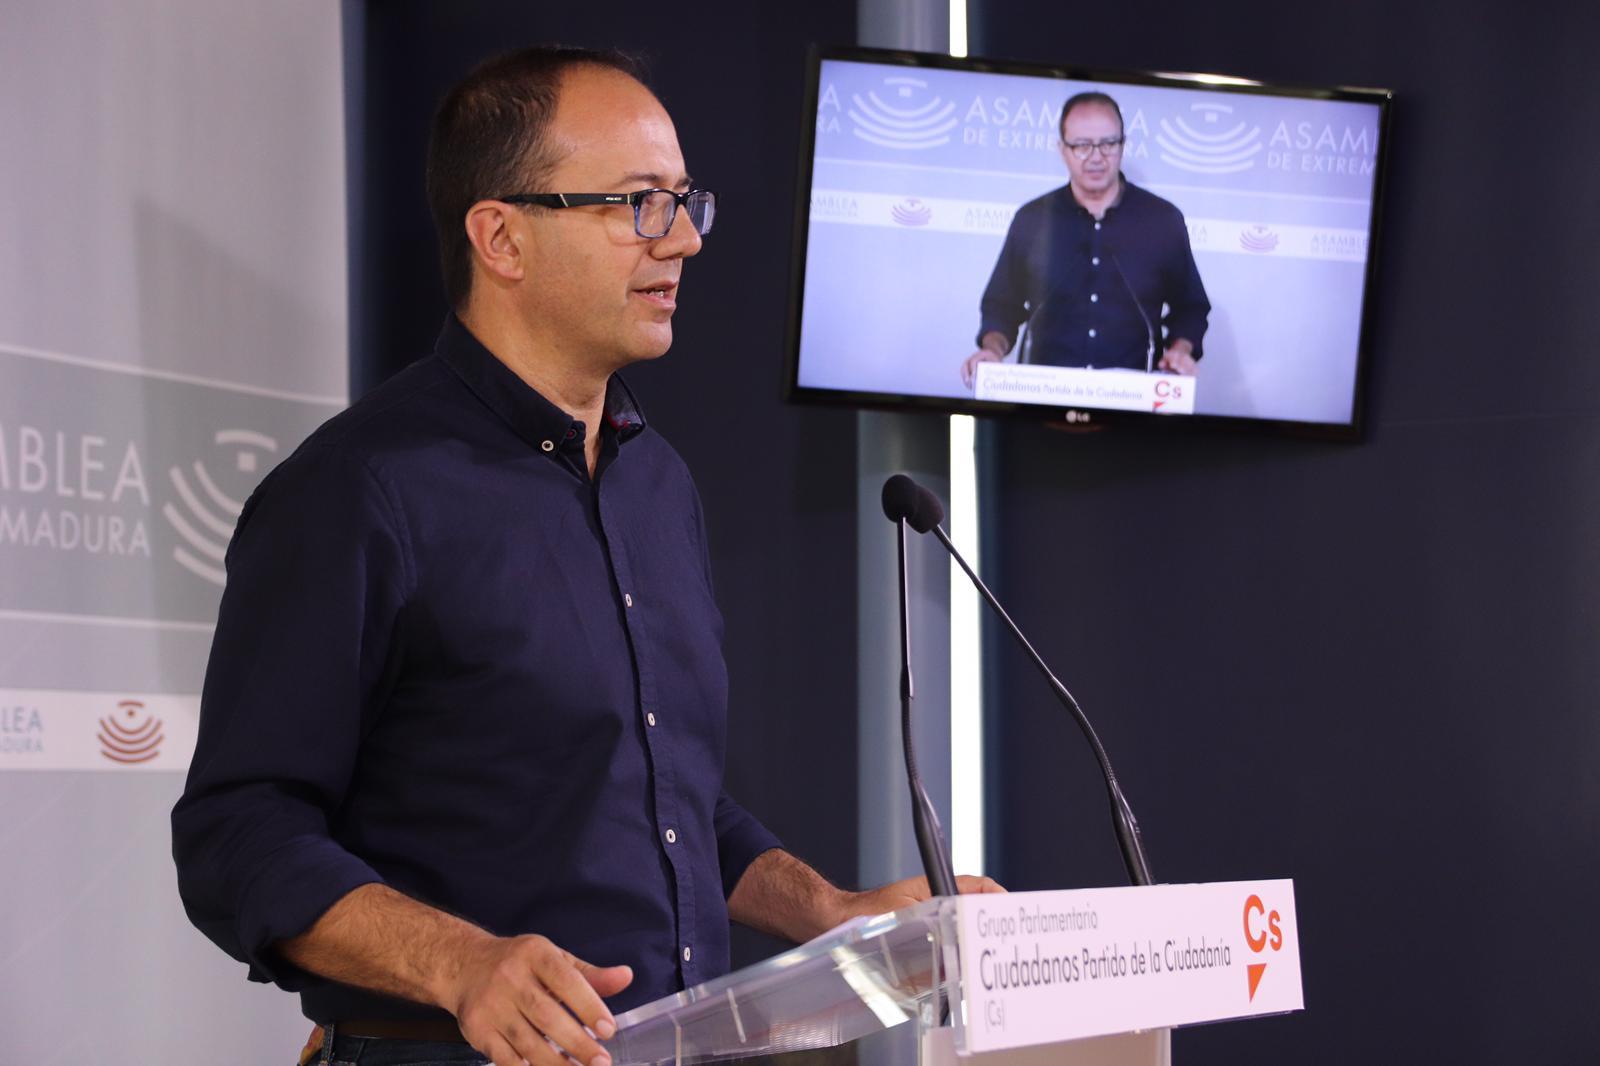 Polo exige a Vara que convoque el Pacto por el Ferrocarril de forma urgente y una manifestación el 18N en Madrid